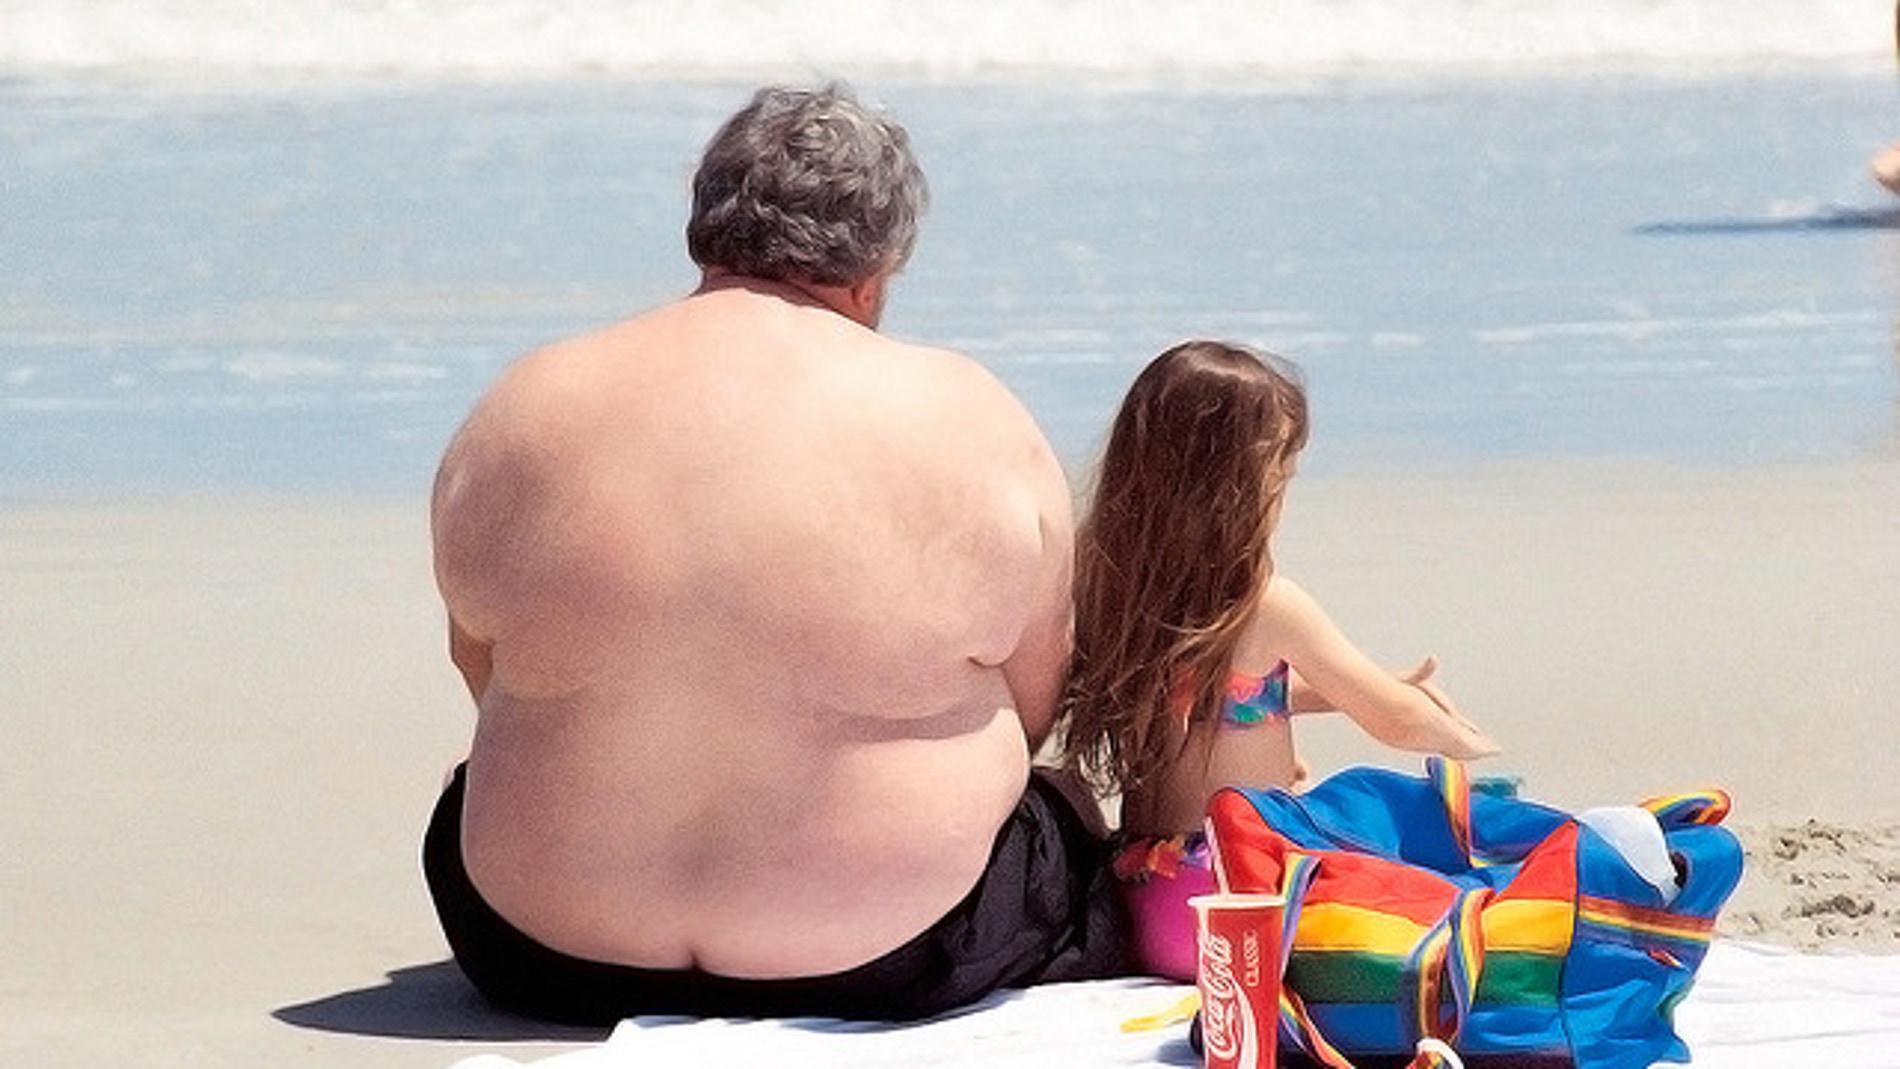 Un hombre obeso descansa en una playa co